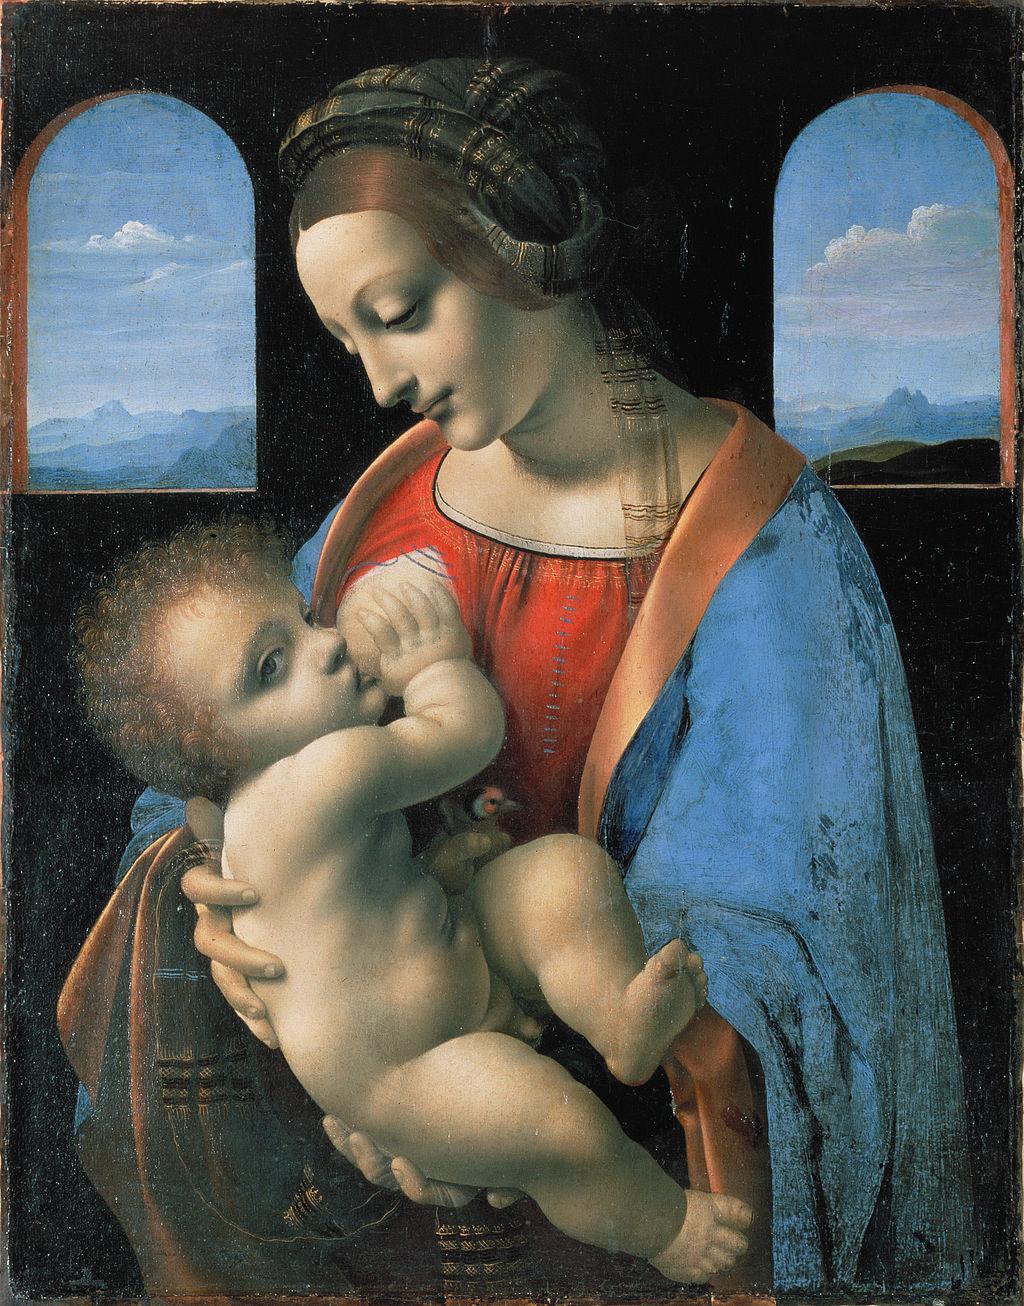 Леонардо да Винчи, 1490-1491 годы, картина «Мадонна Литта»